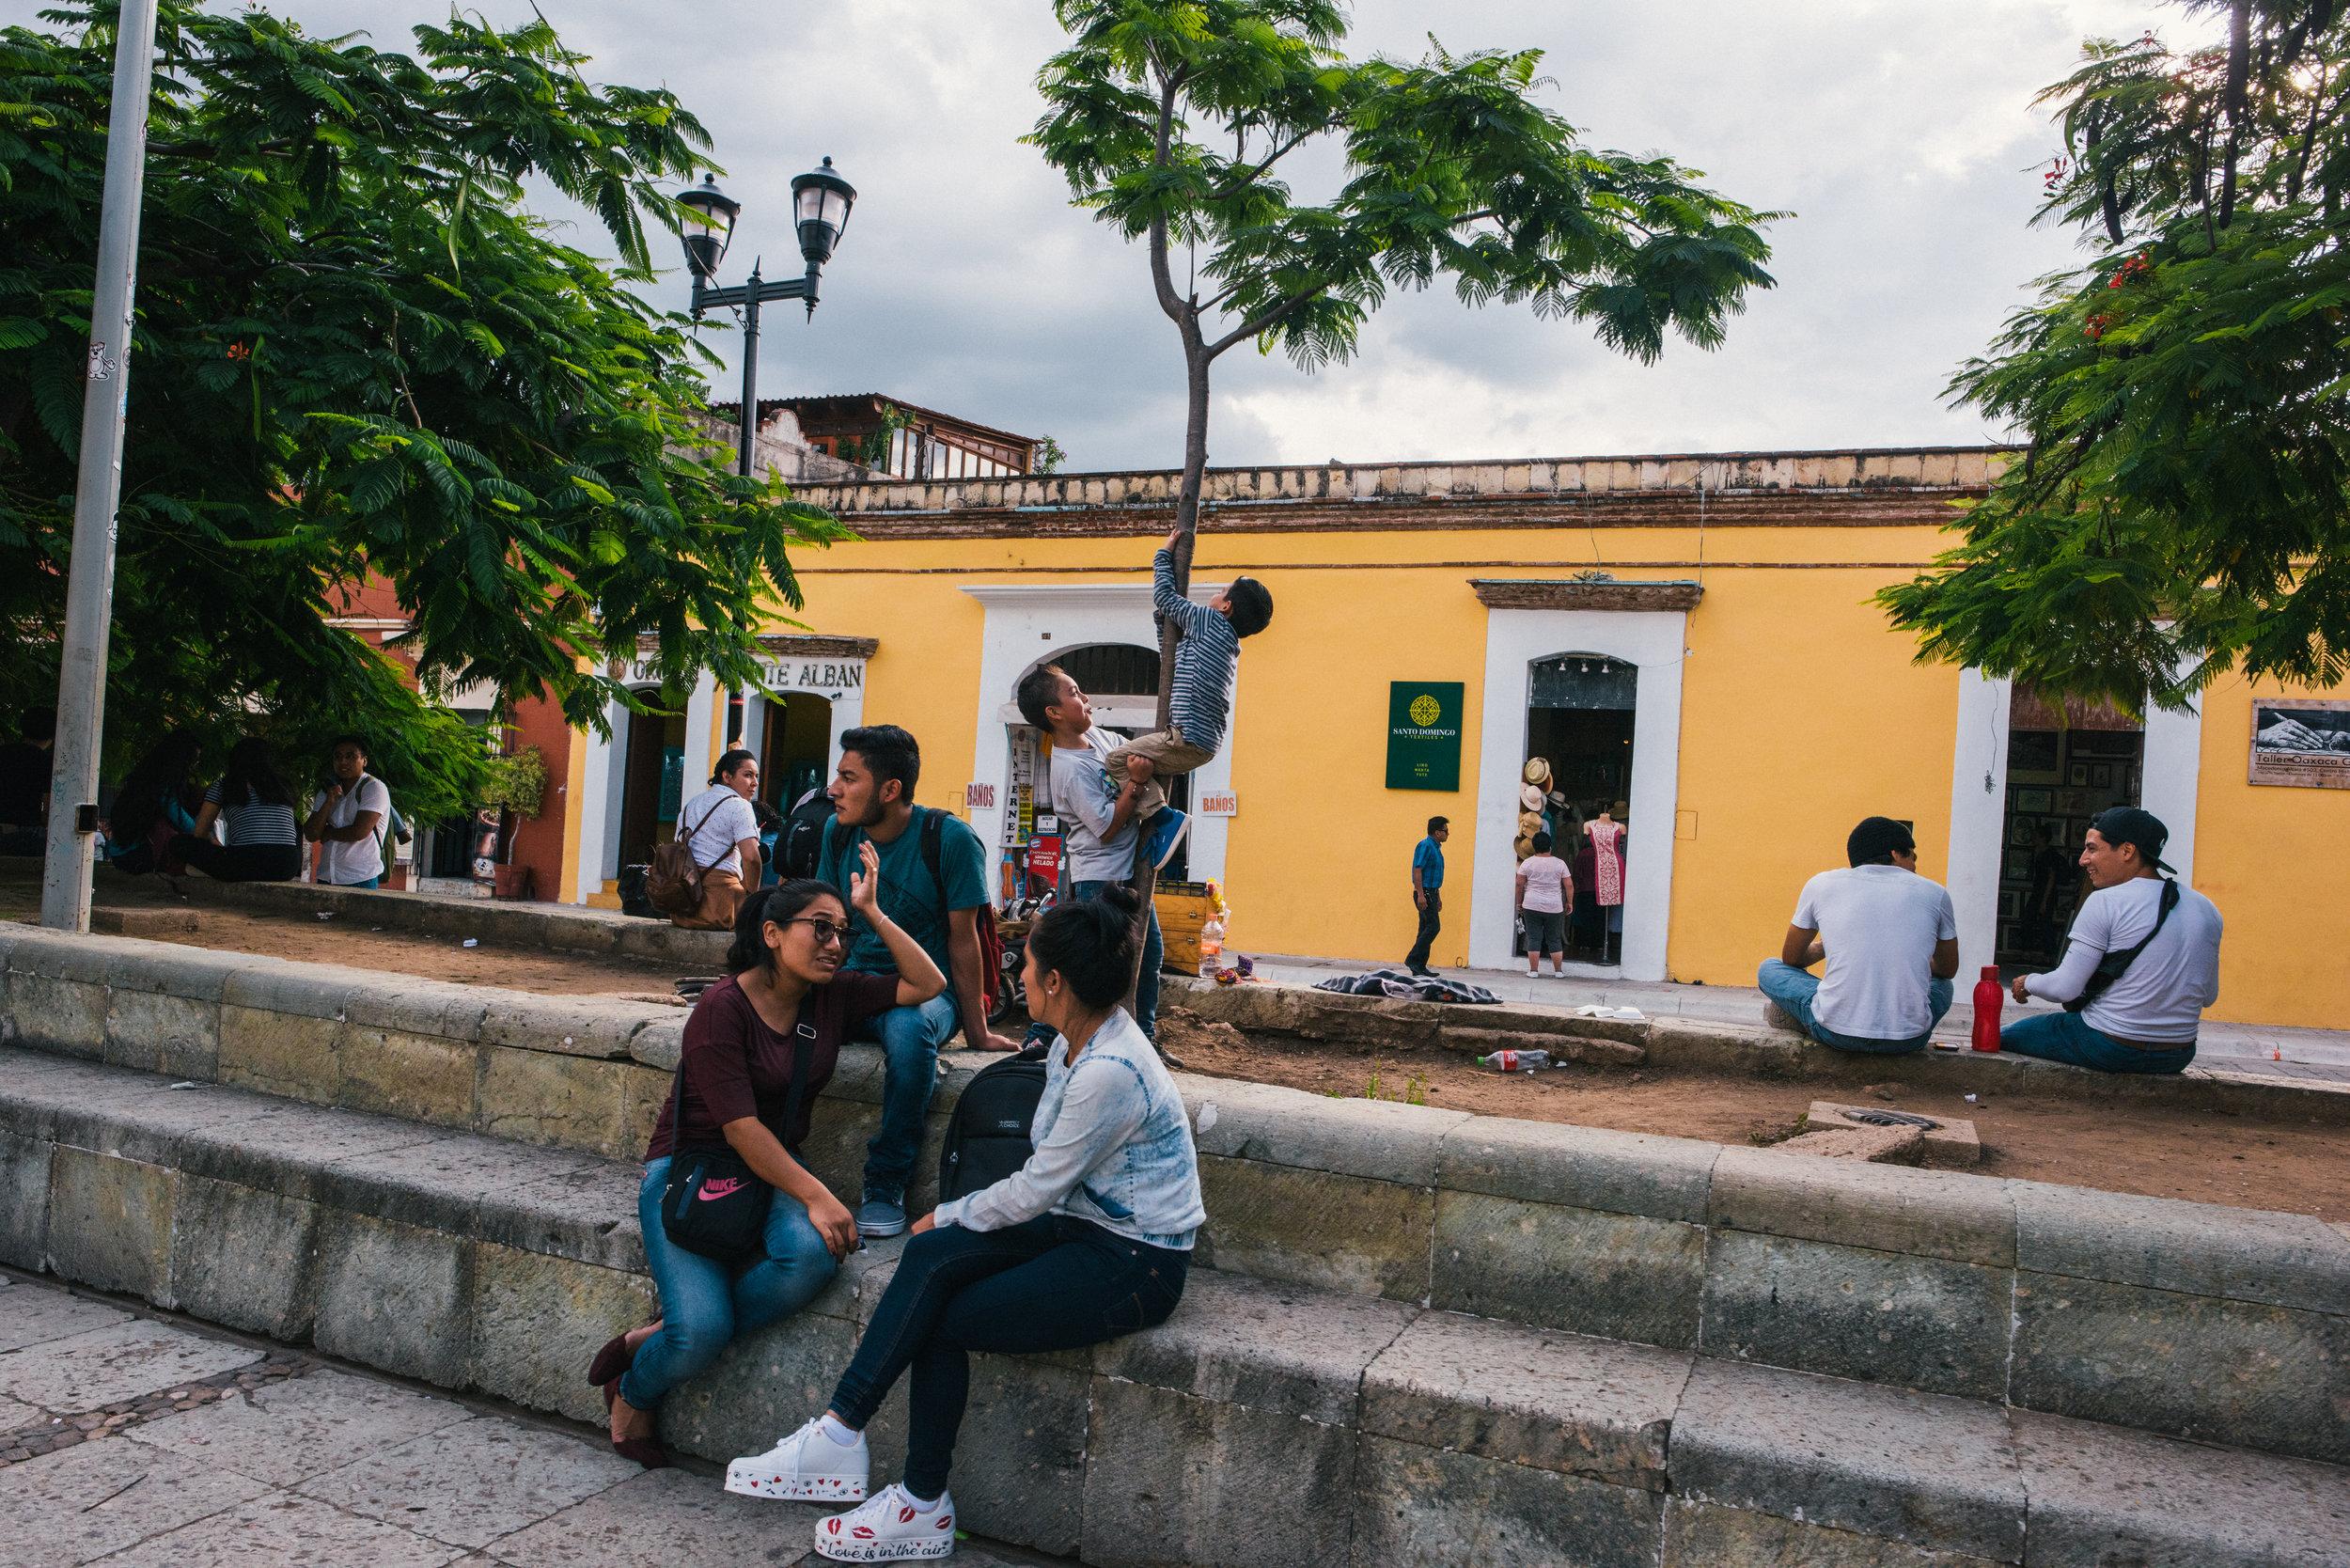 180628_Oaxaca_DustinFranz_Color_367.jpg